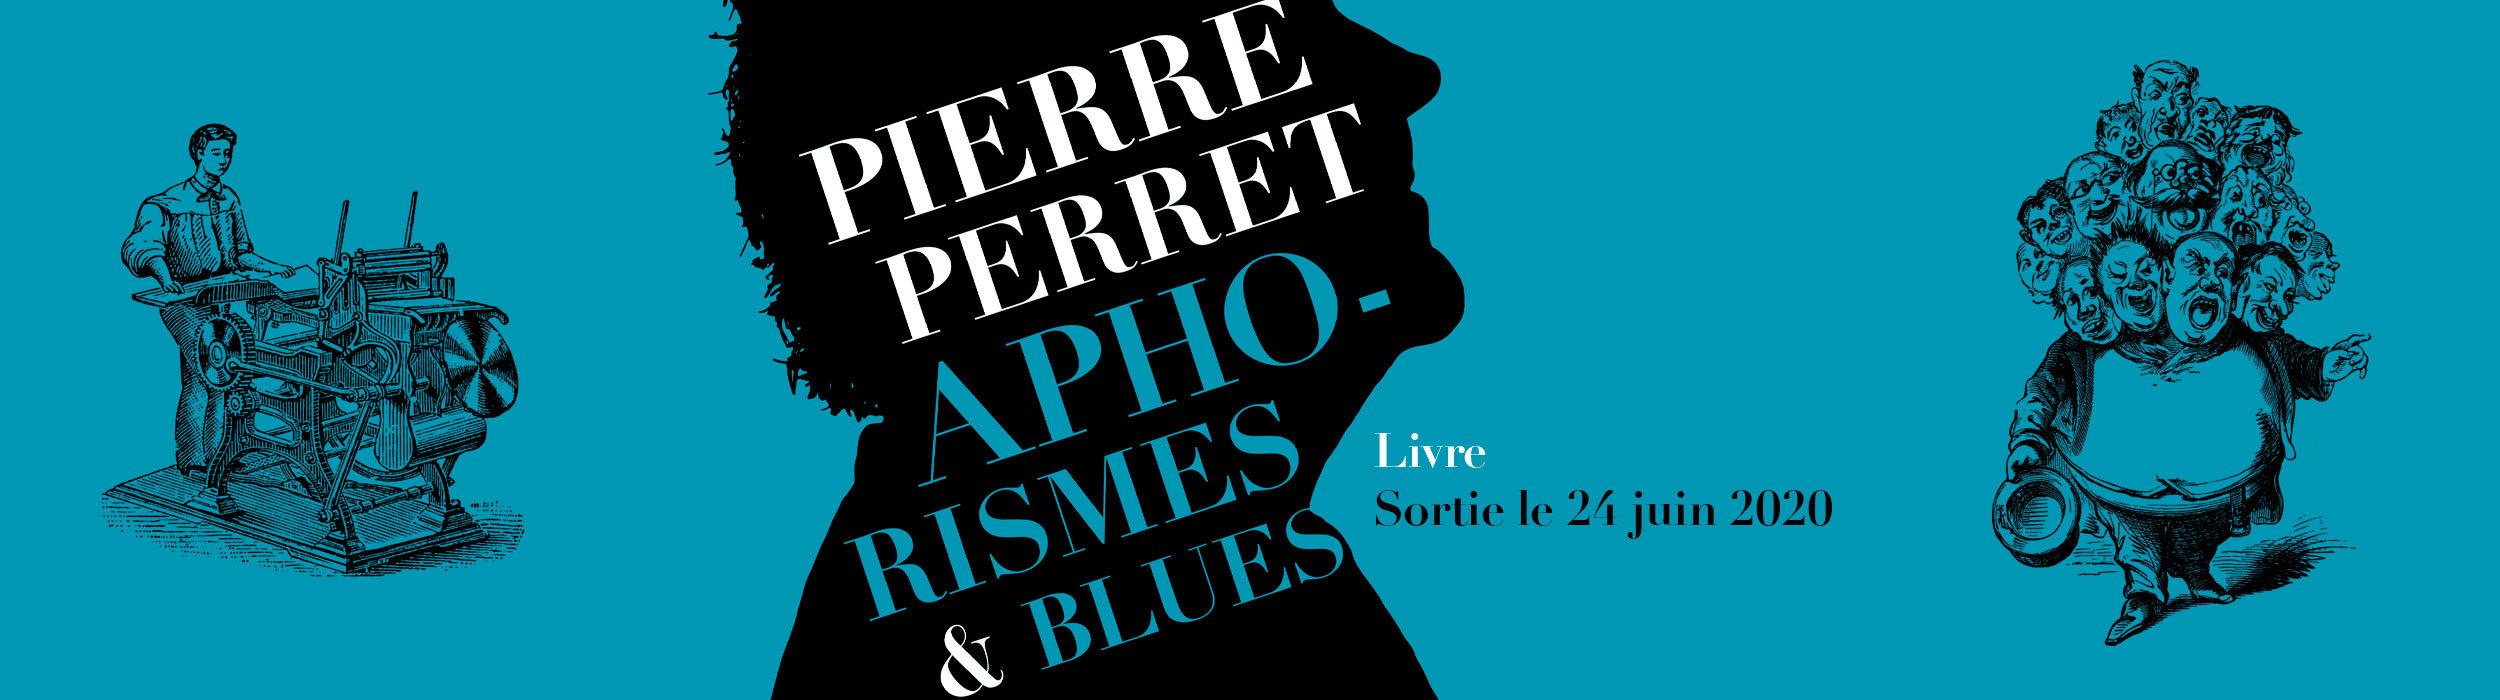 Aphorismes & blues